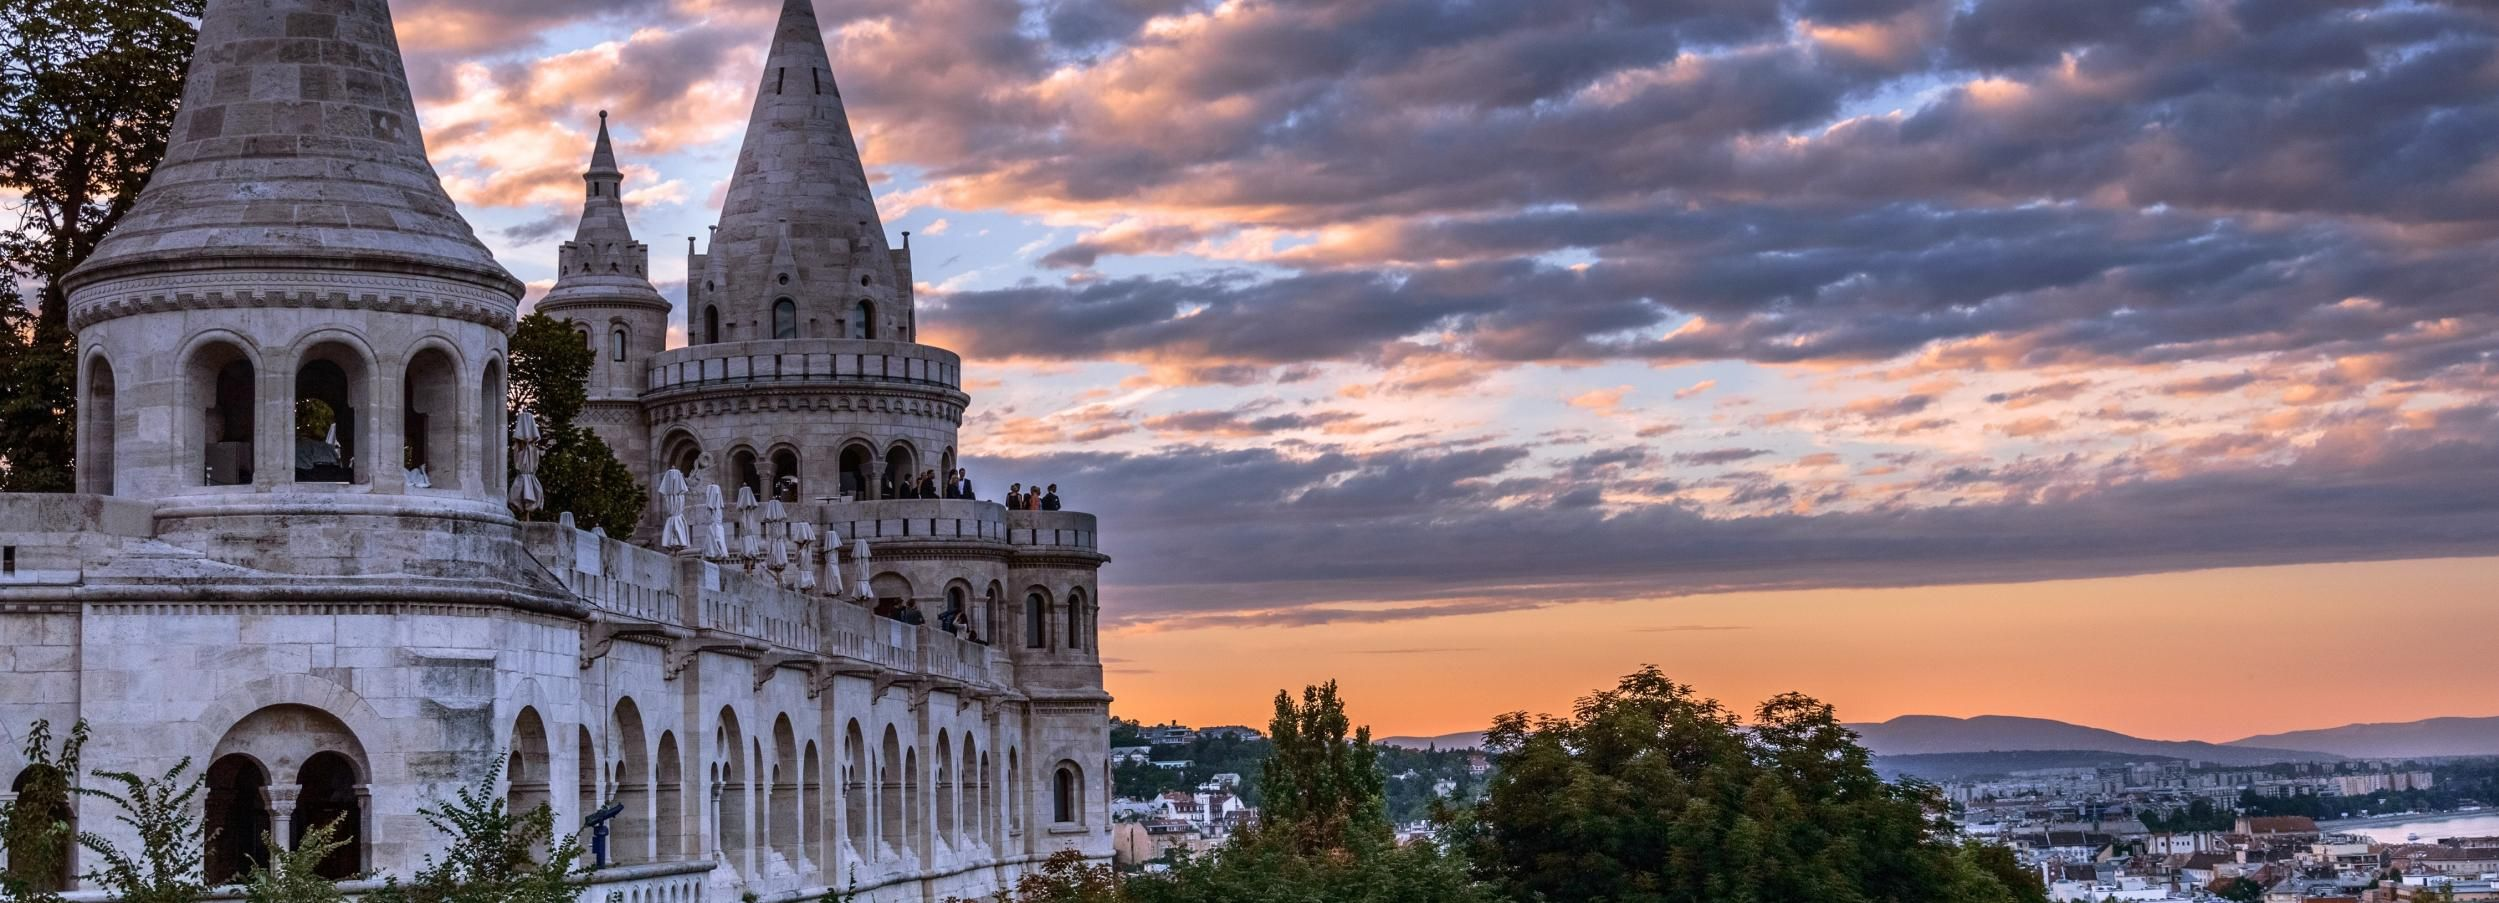 Excursión turística privada de lujo en Budapest en un día